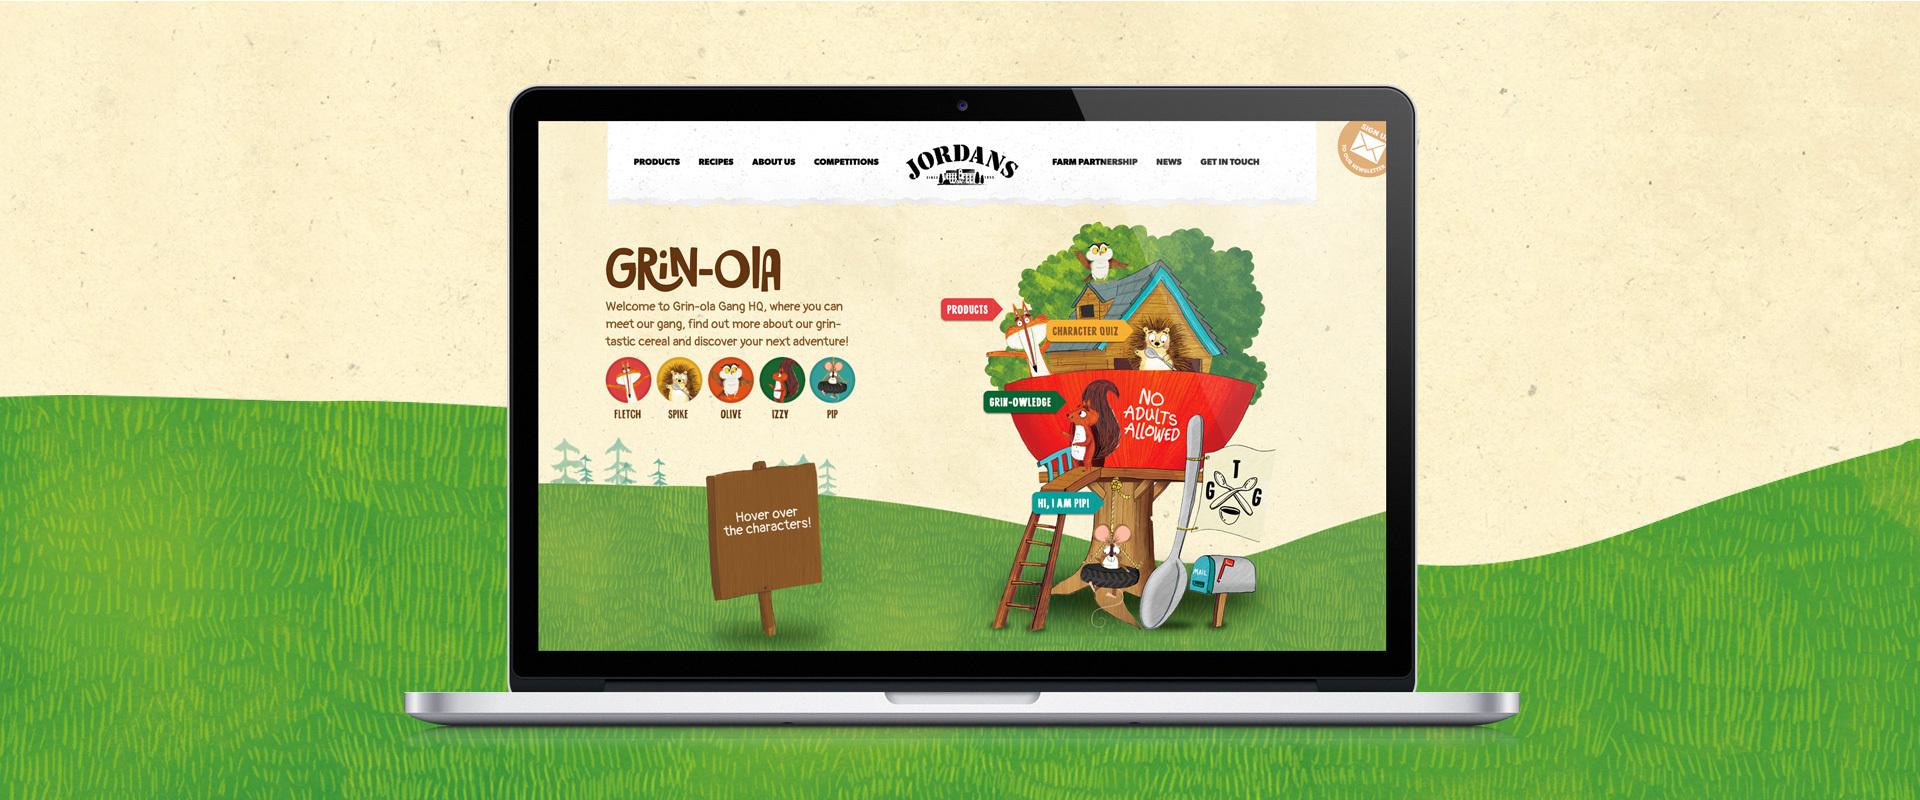 Grin-ola for Jordans Cereals